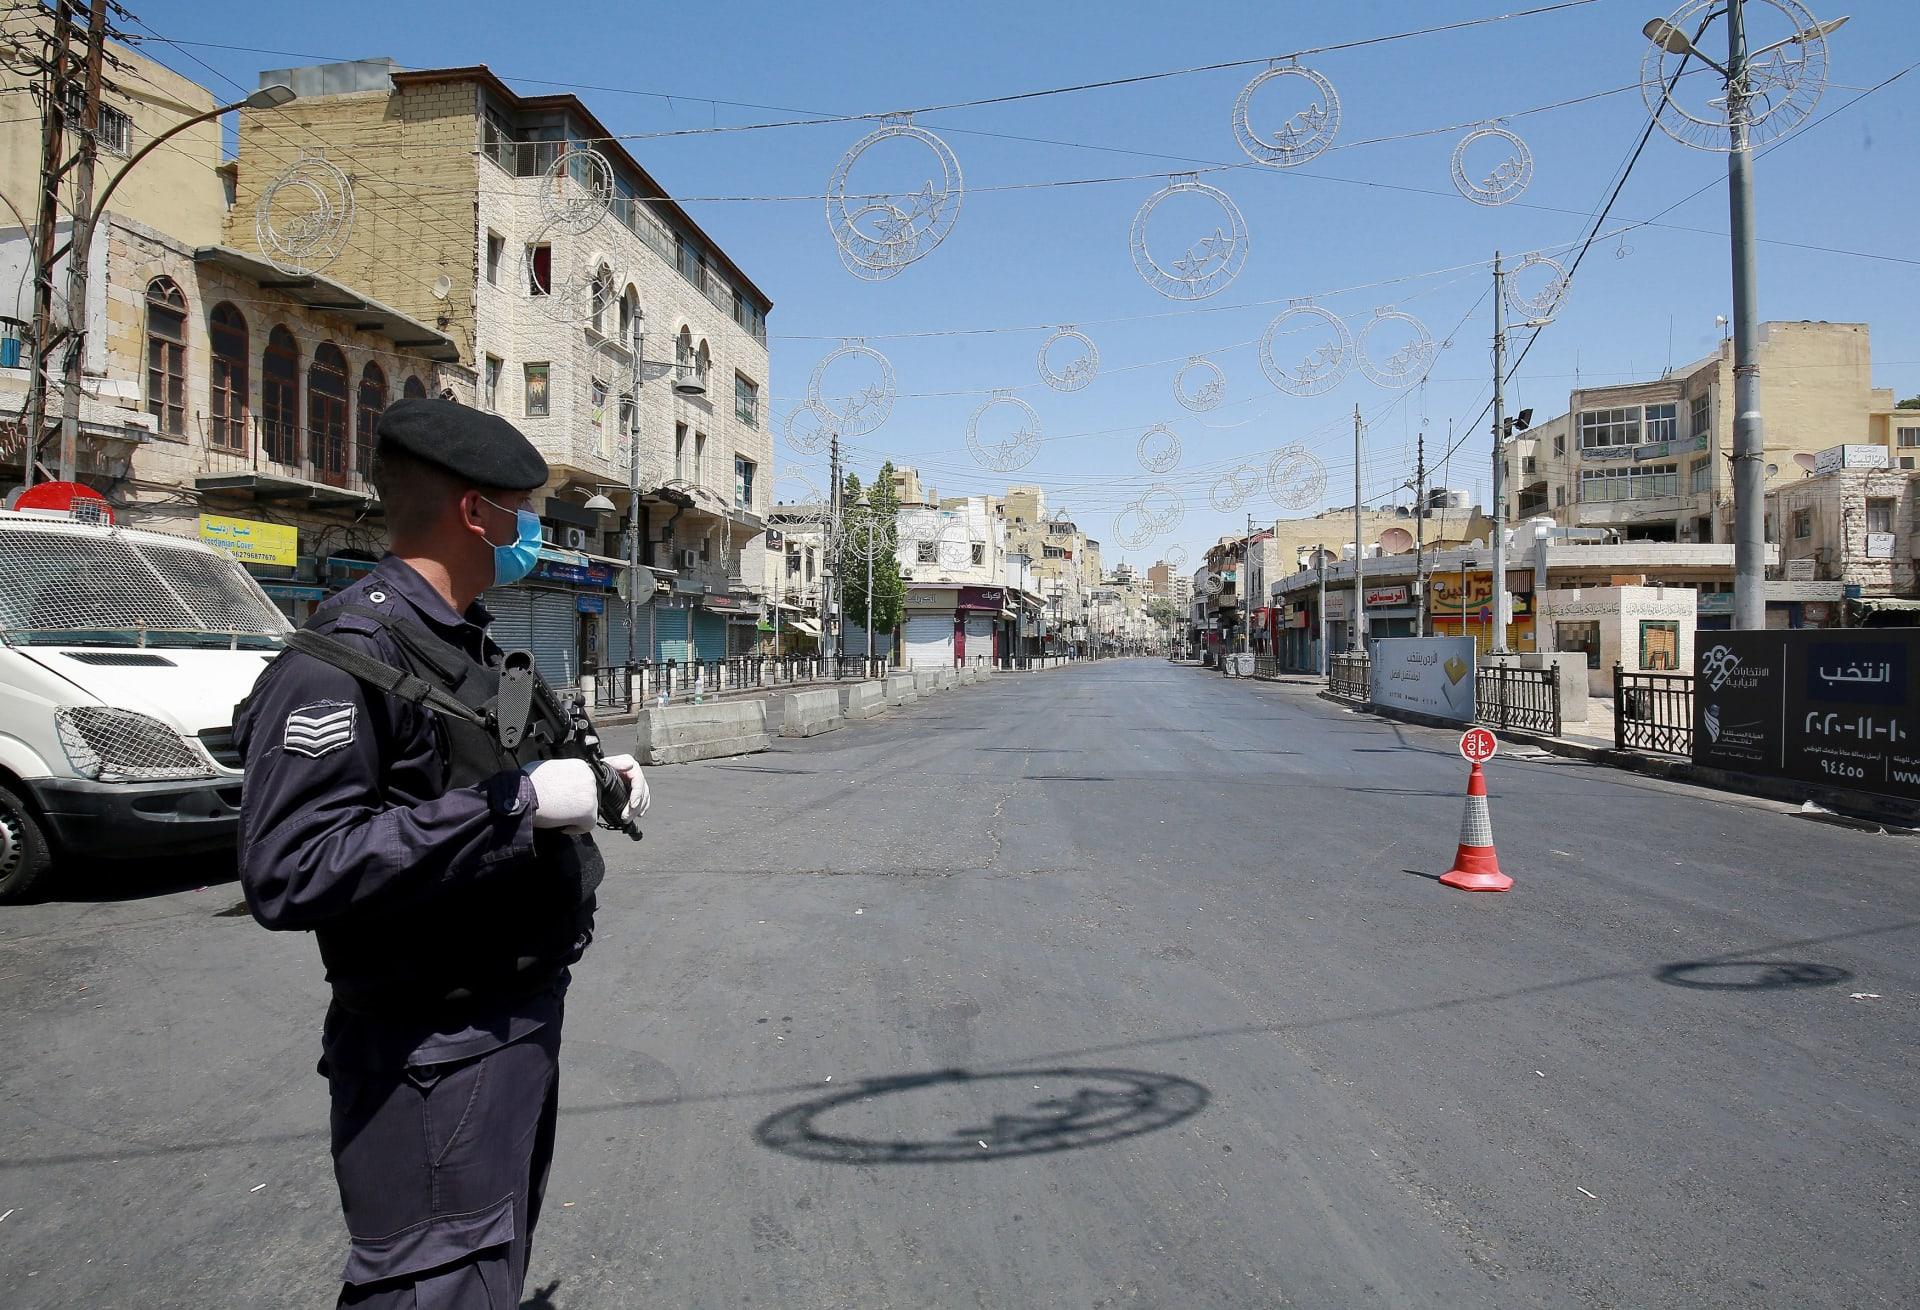 الأردن: سقوط قتيلين في مشاجرة بالأسلحة النارية.. وتجمهر أمام الديوان الملكي